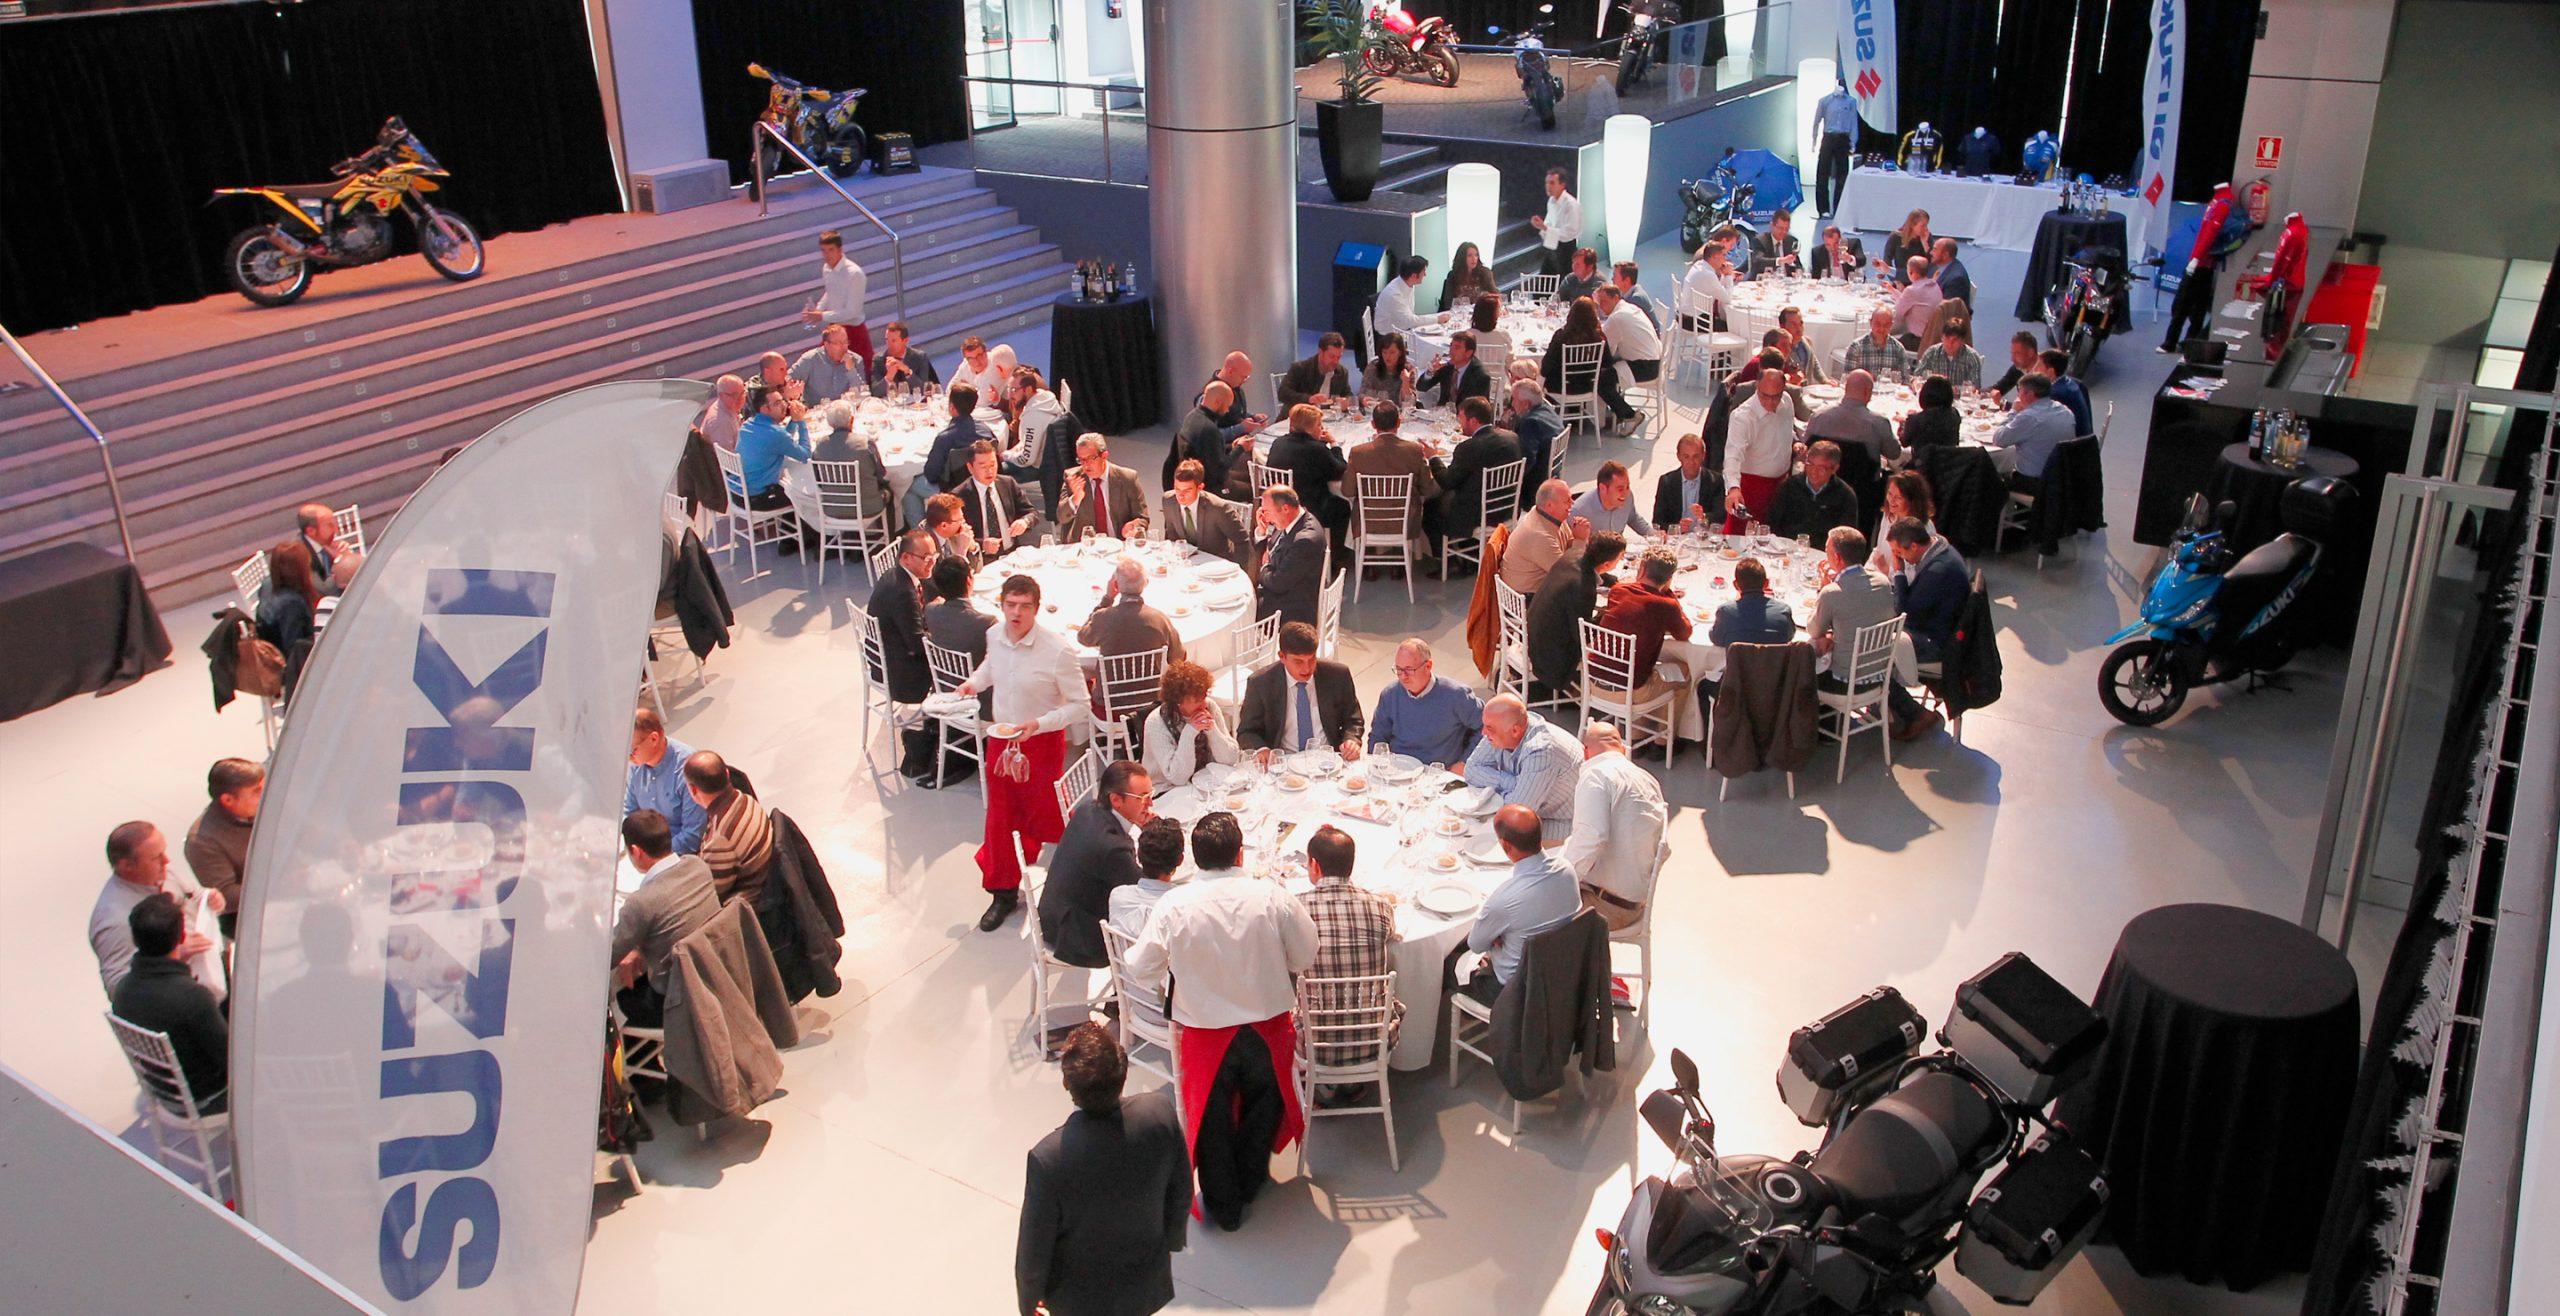 Personas sentadas en vaias mesas en el Teatro Multiespacio Goya con banderola y motos Suzuki